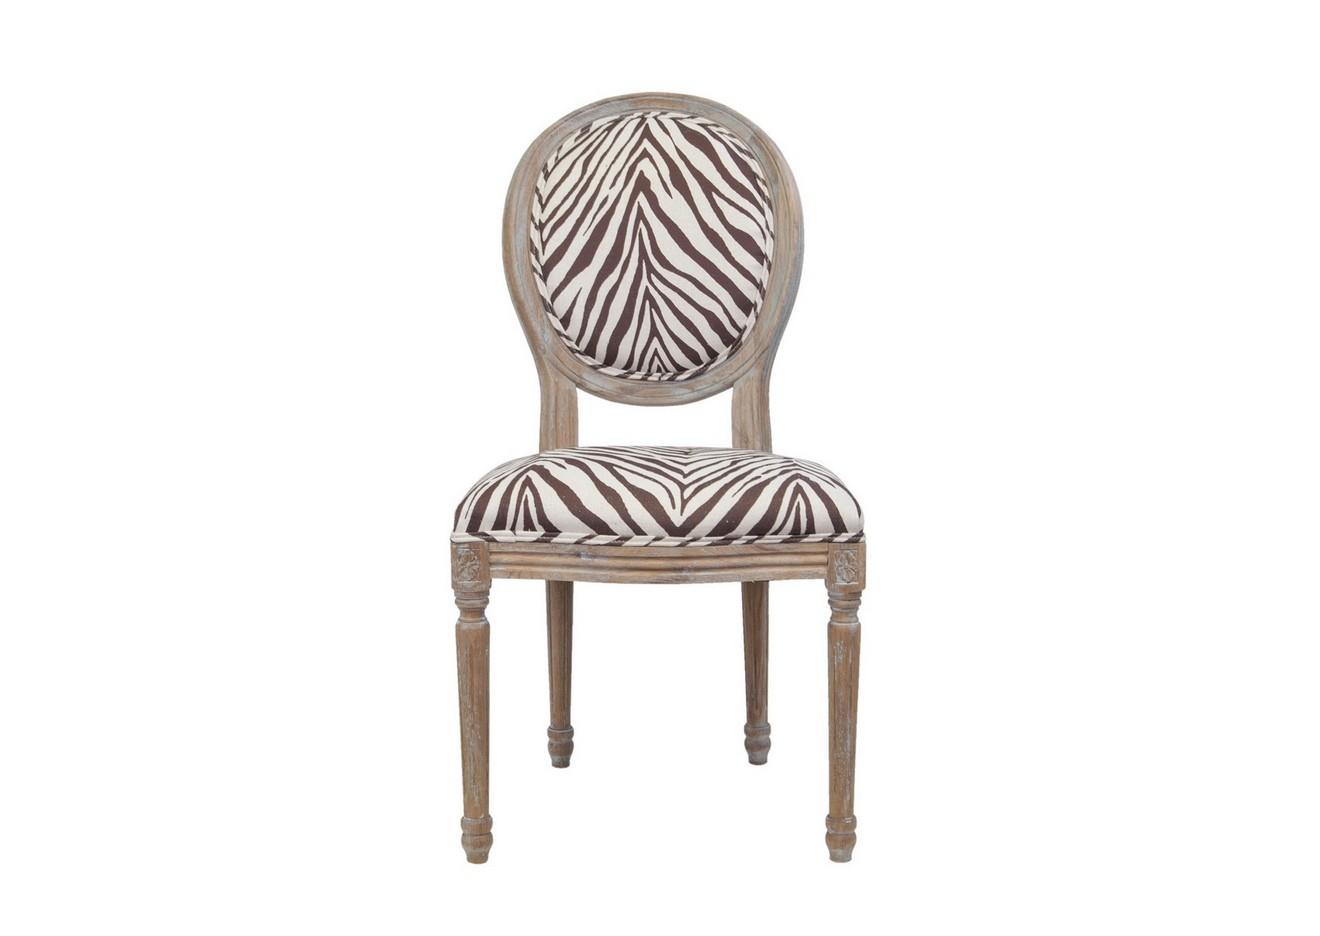 Стул Miro zebraОбеденные стулья<br>Изысканный стул Miro с округлой спинкой, напоминающей медальон, выполнен в элегантном классическом французском стиле. Основание модели выполнено из цельной породы древесины - массива дуба, искусственно состаренного. Такой стул эффектно смотрится как в контрастной, так и в однотонной обстановке.&amp;lt;div&amp;gt;&amp;lt;br&amp;gt;&amp;lt;/div&amp;gt;&amp;lt;div&amp;gt;Материалы: лен, массив дуба&amp;lt;/div&amp;gt;<br><br>Material: Дуб<br>Width см: 50<br>Depth см: 56<br>Height см: 98